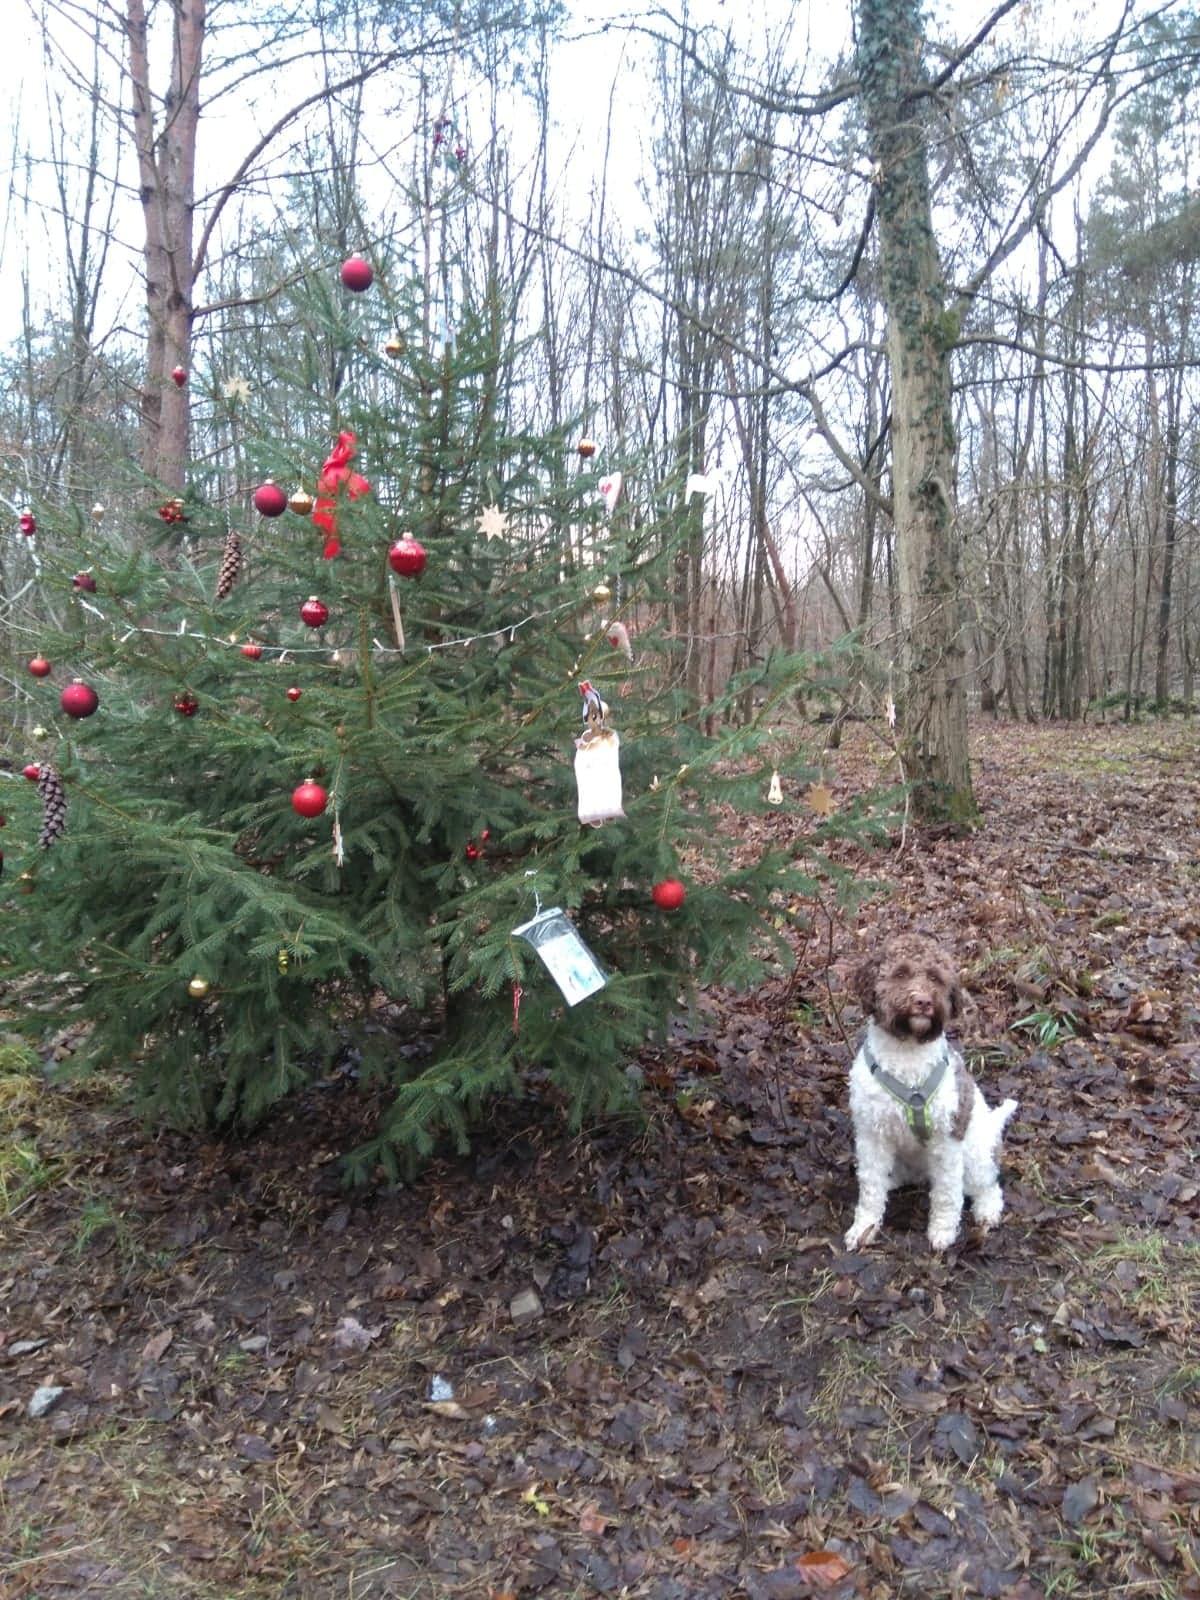 Lotti findet einen Weihnachtsbaum im Wald